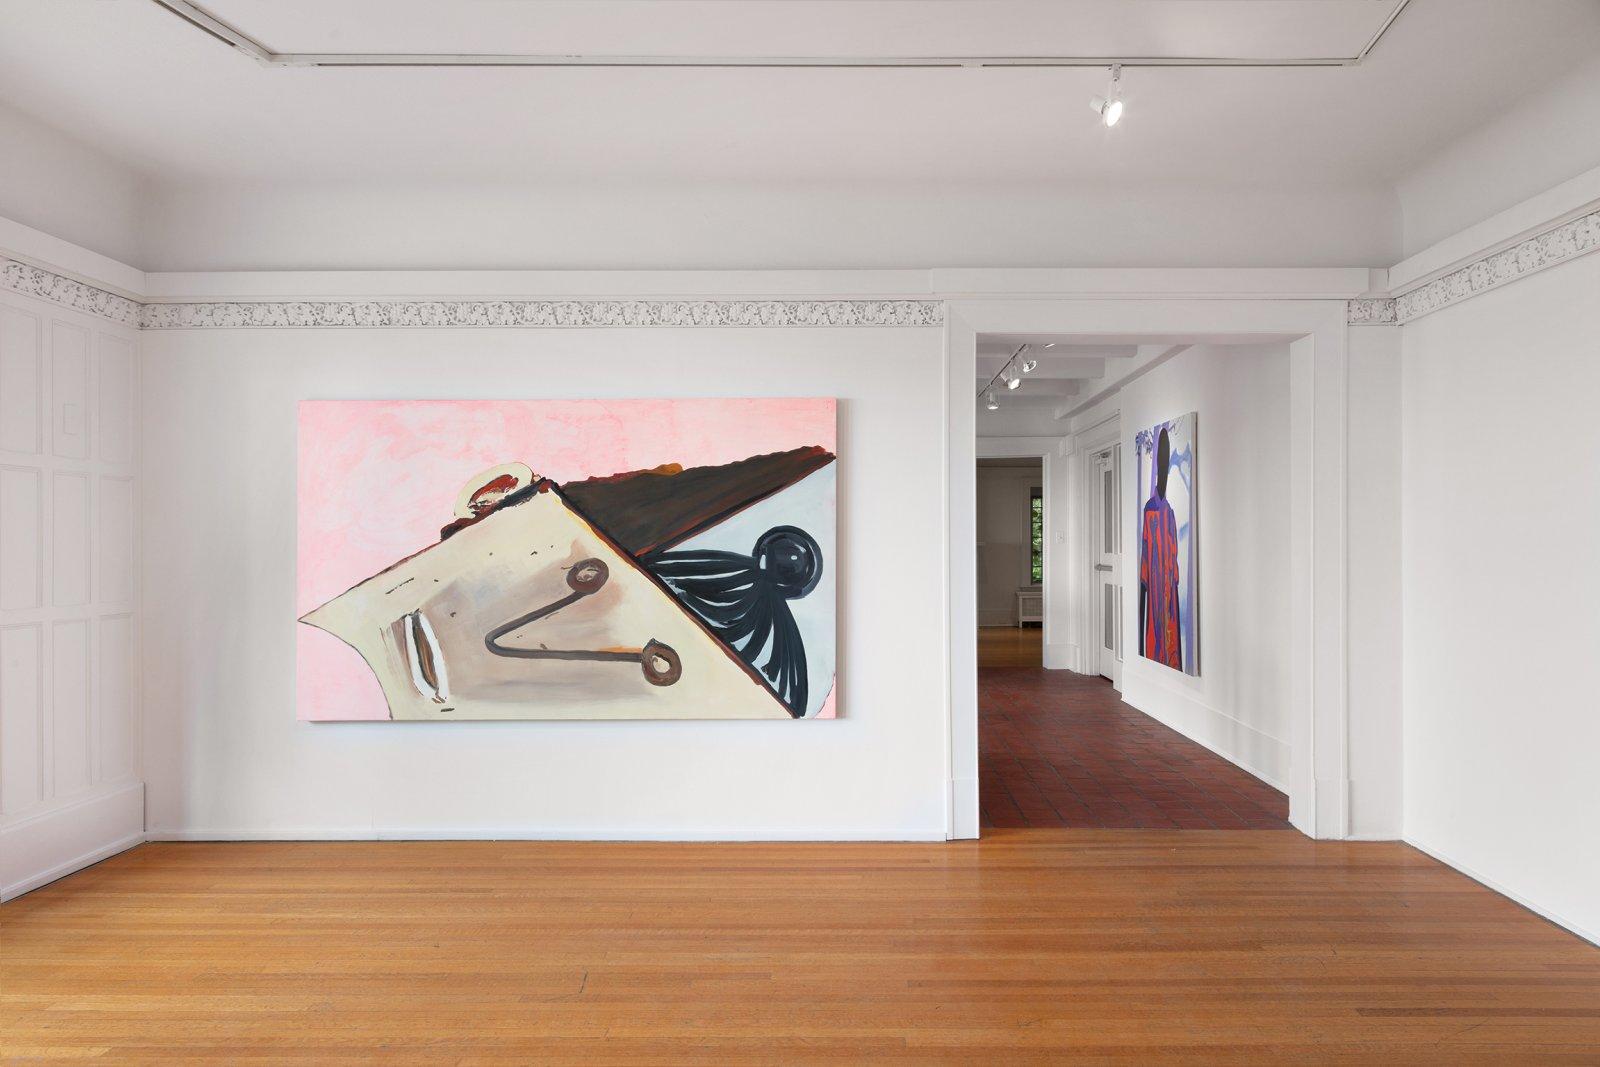 Elizabeth McIntosh, Parts, 2018, oil on canvas, 53 x 90 in. (135 x 227 cm) by Elizabeth McIntosh